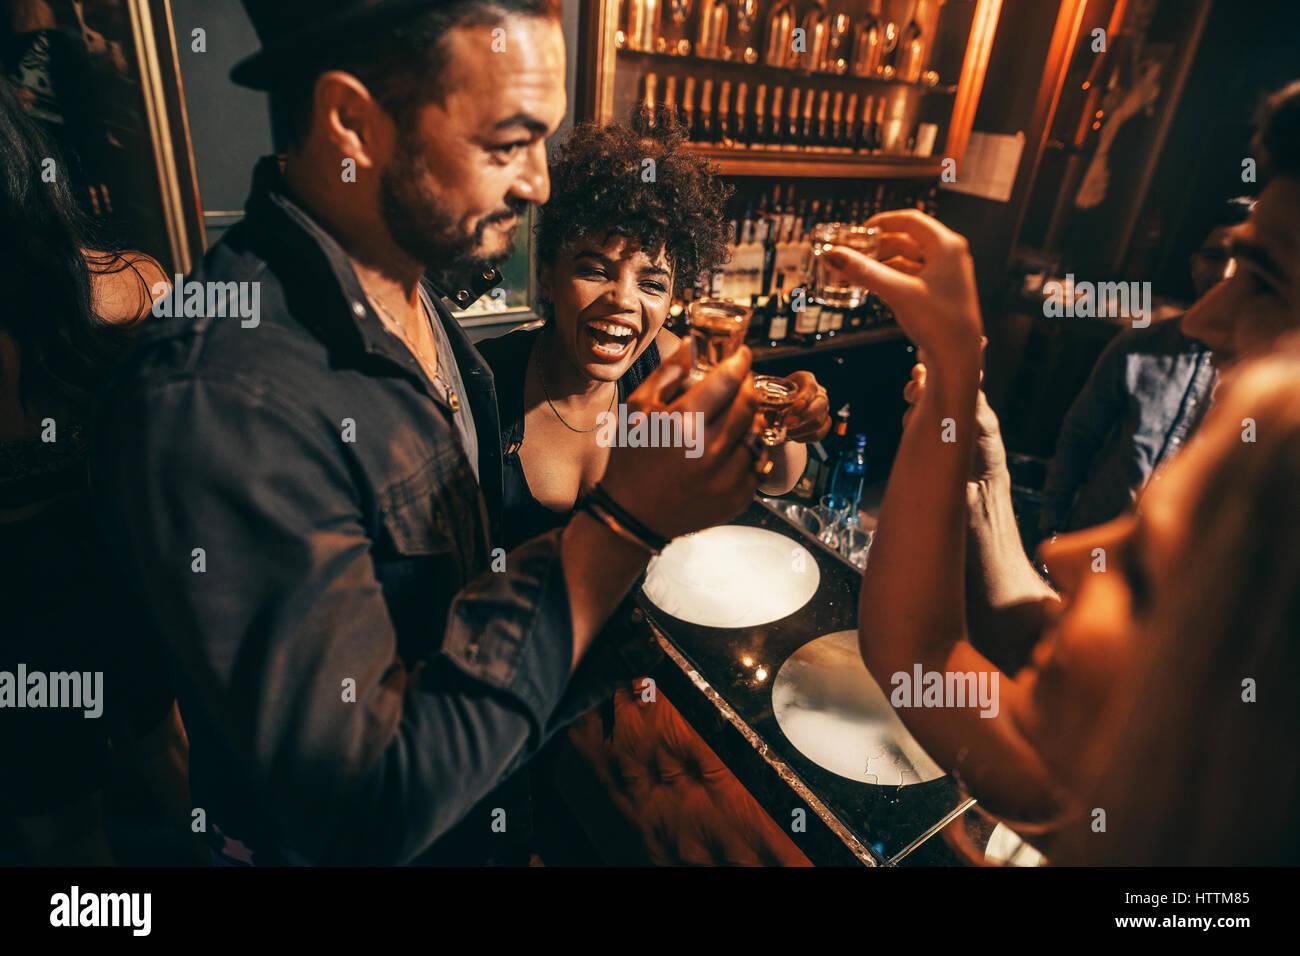 Los jóvenes feliz divirtiéndose con bebidas en la discoteca. Hombre y mujer bebiendo en el bar. Imagen De Stock